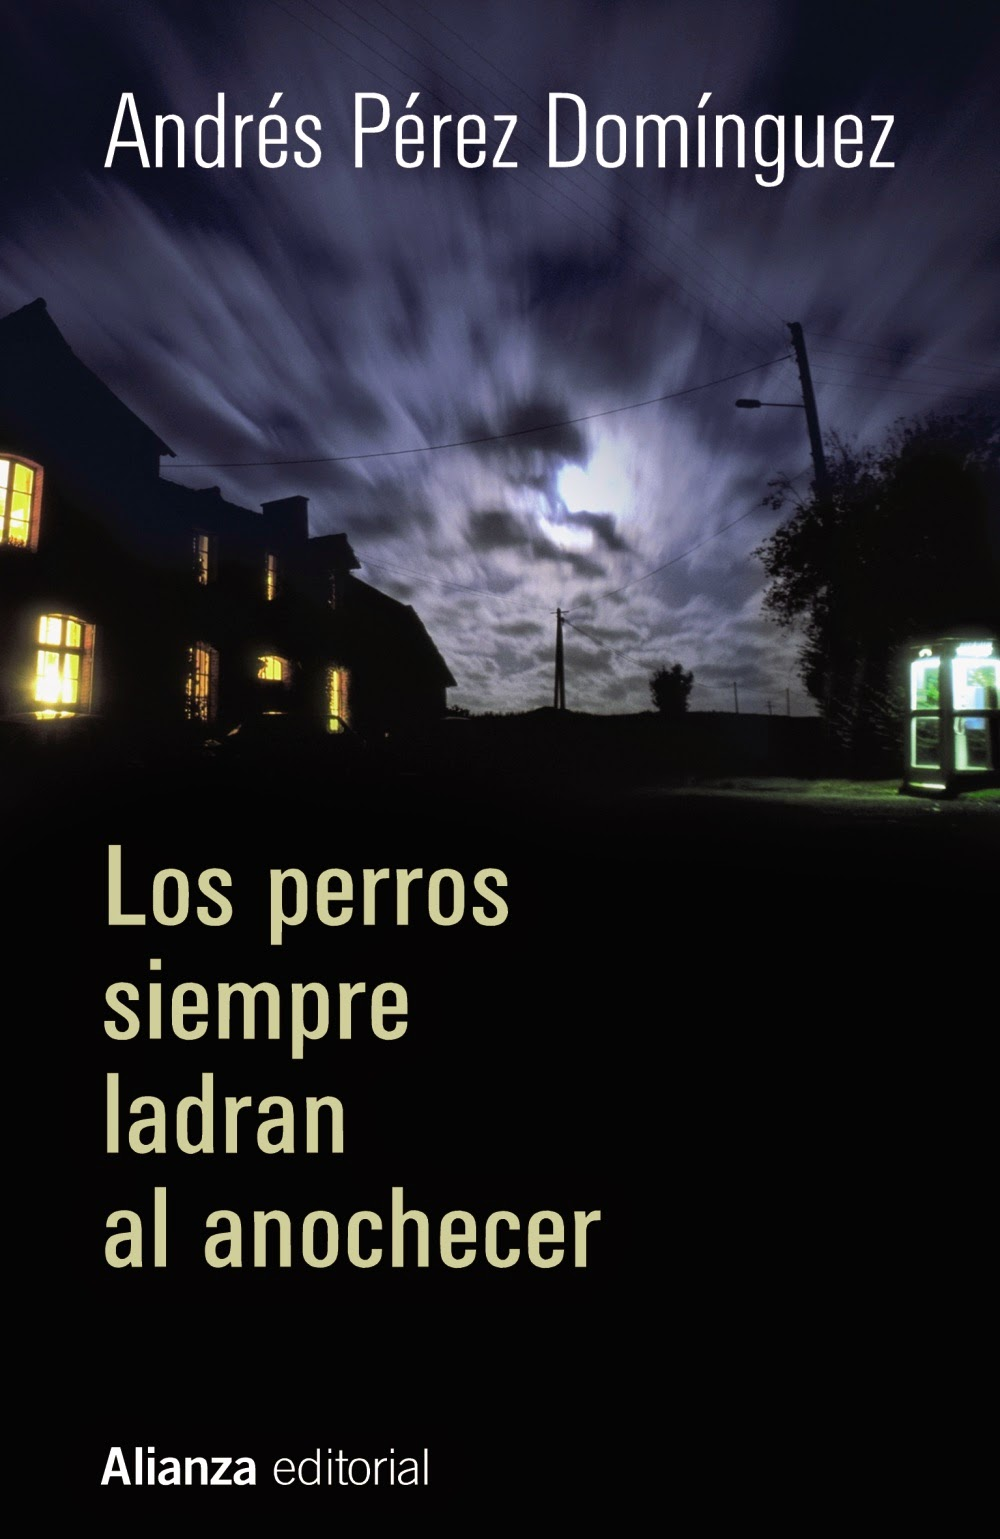 Los perros siempre ladran al anochecer - Andrés Pérez Domínguez (2015)